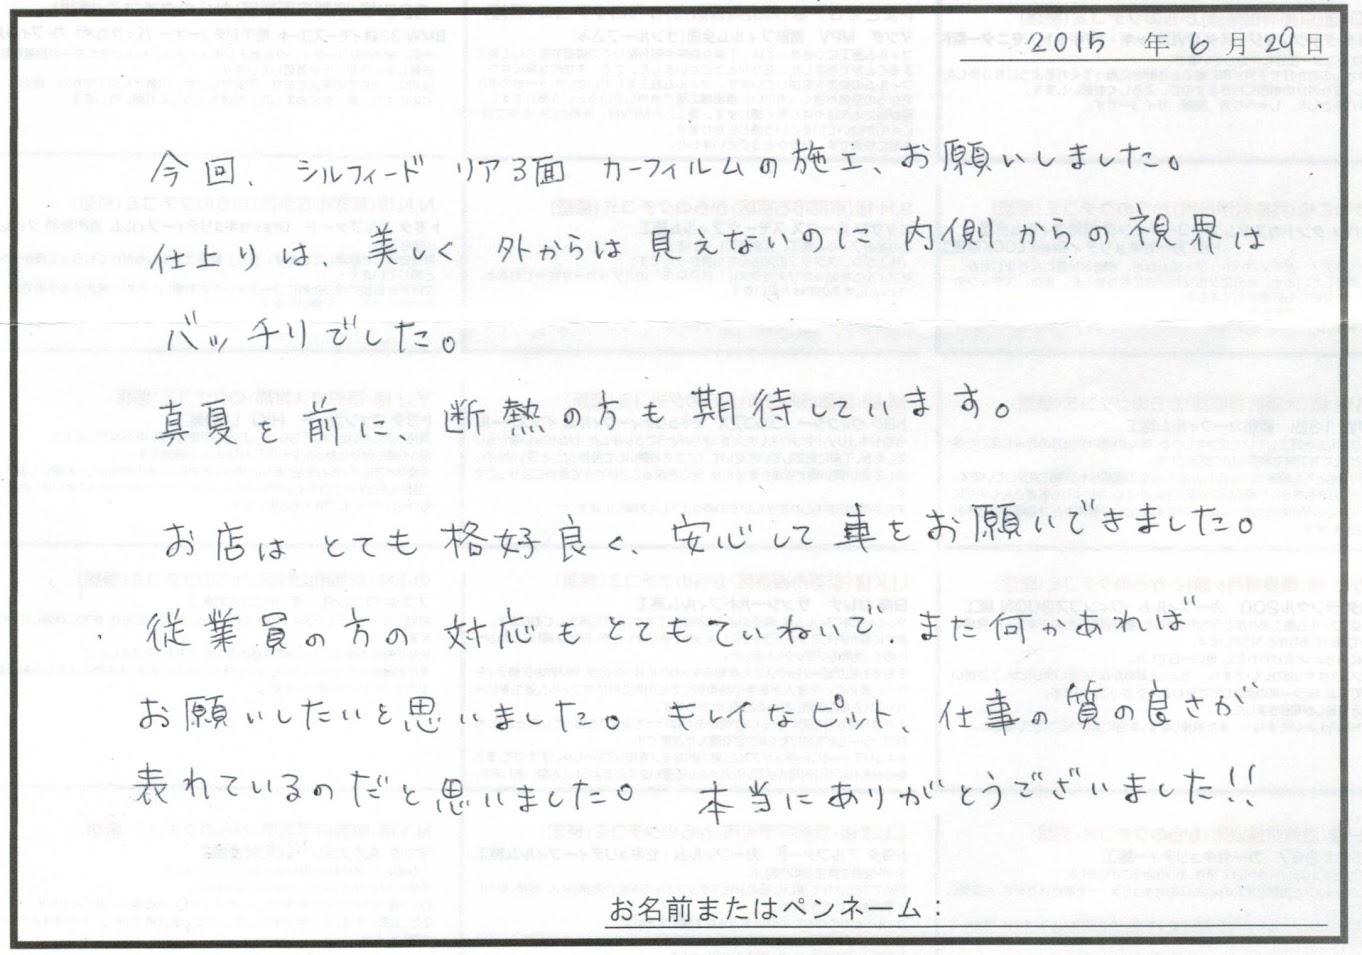 ビーパックスへのクチコミ/お客様の声:H.S. 様(京都府城陽市)/トヨタ SAI